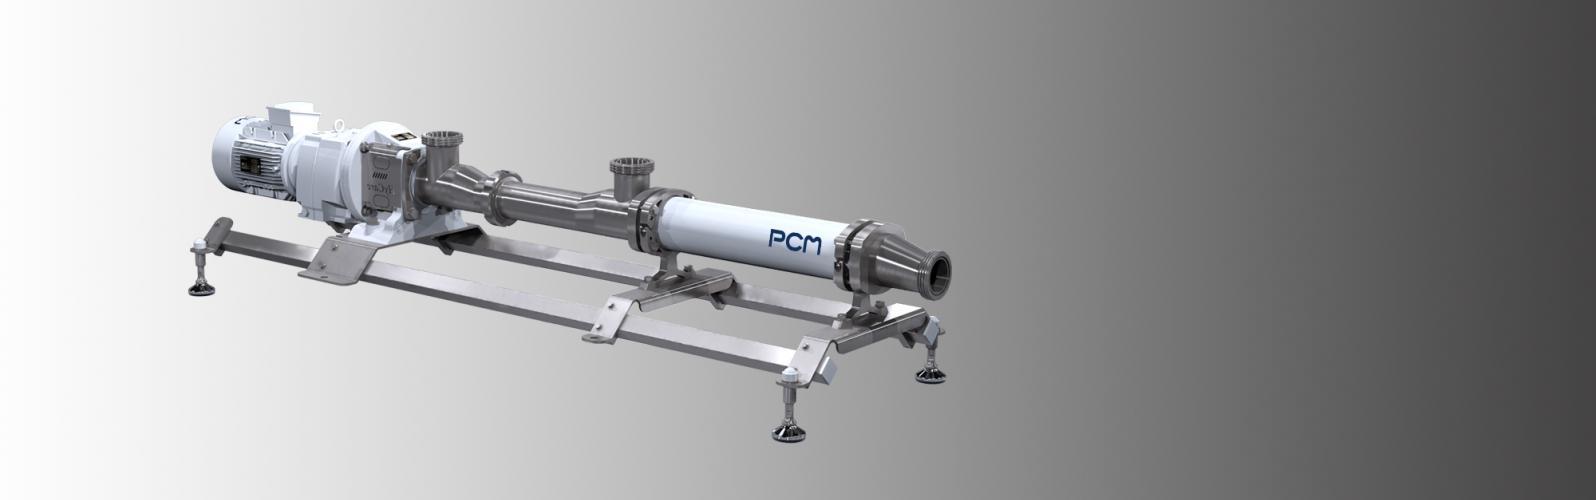 Pompe hygiénique Hycare™ PCM